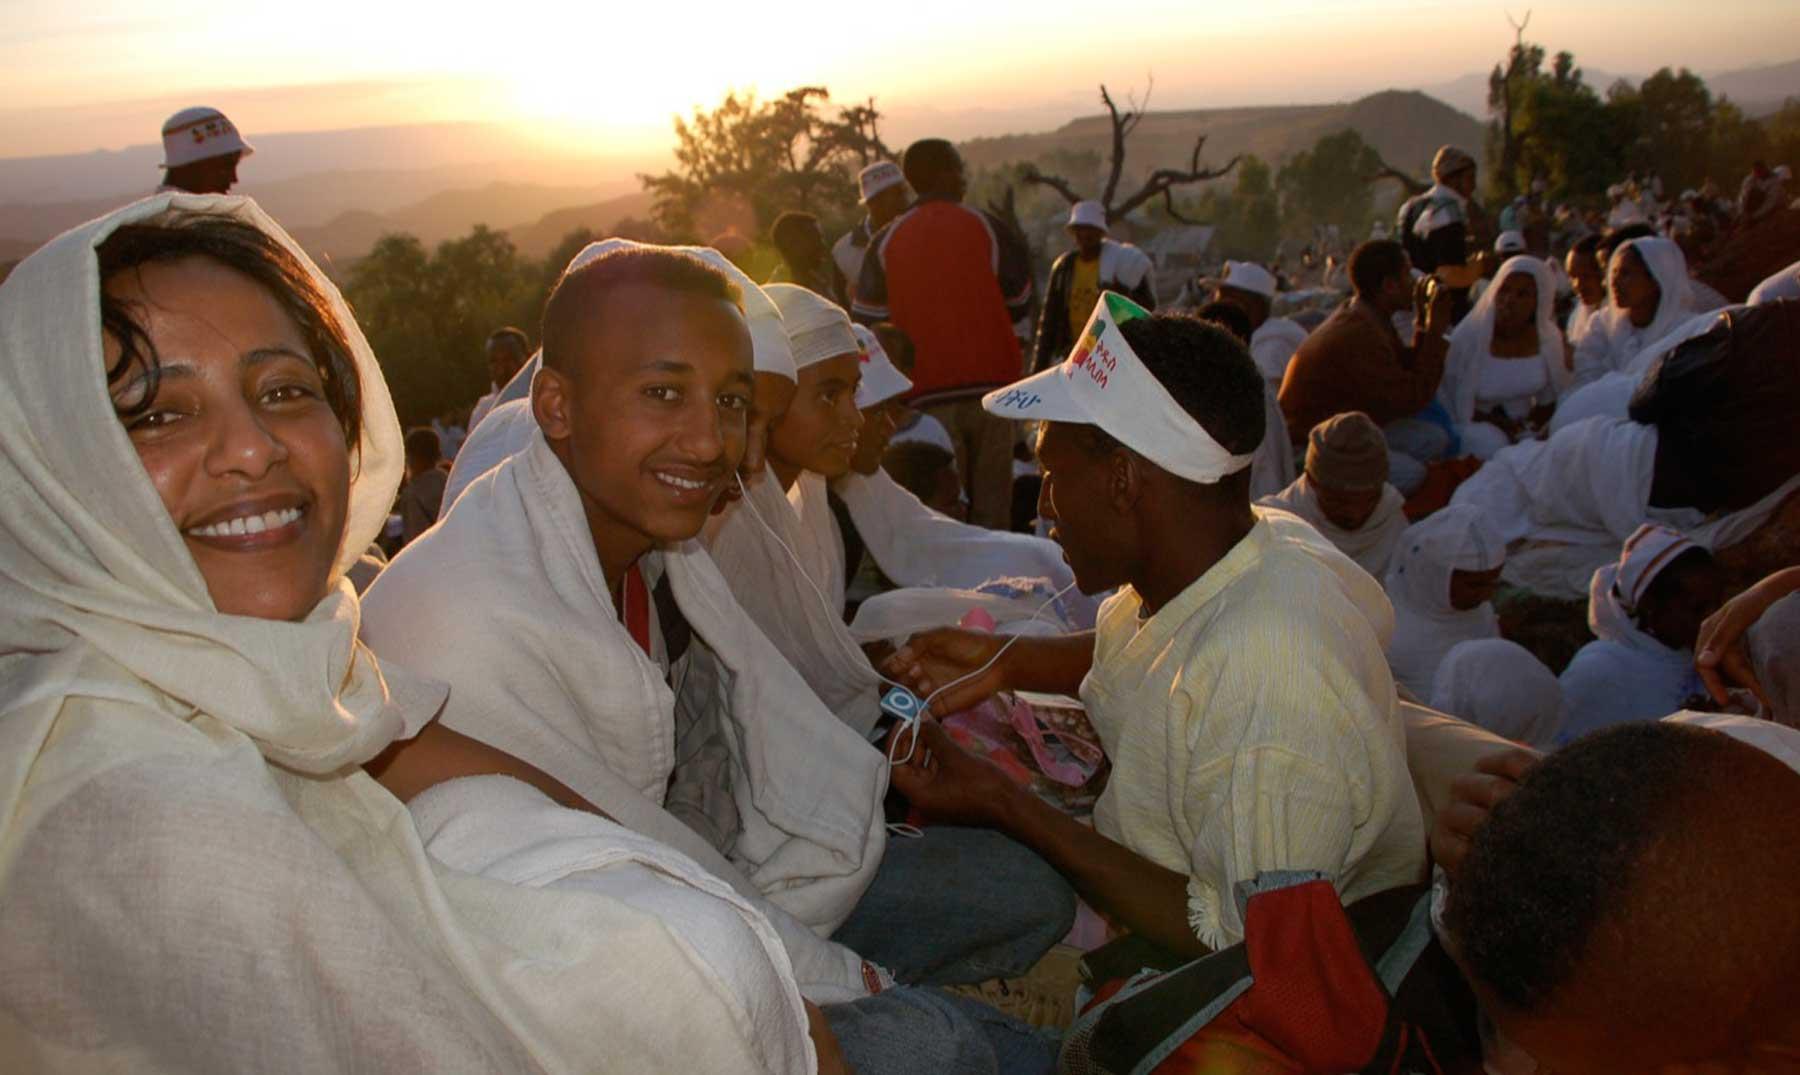 El mundo en navidad: Etiopía